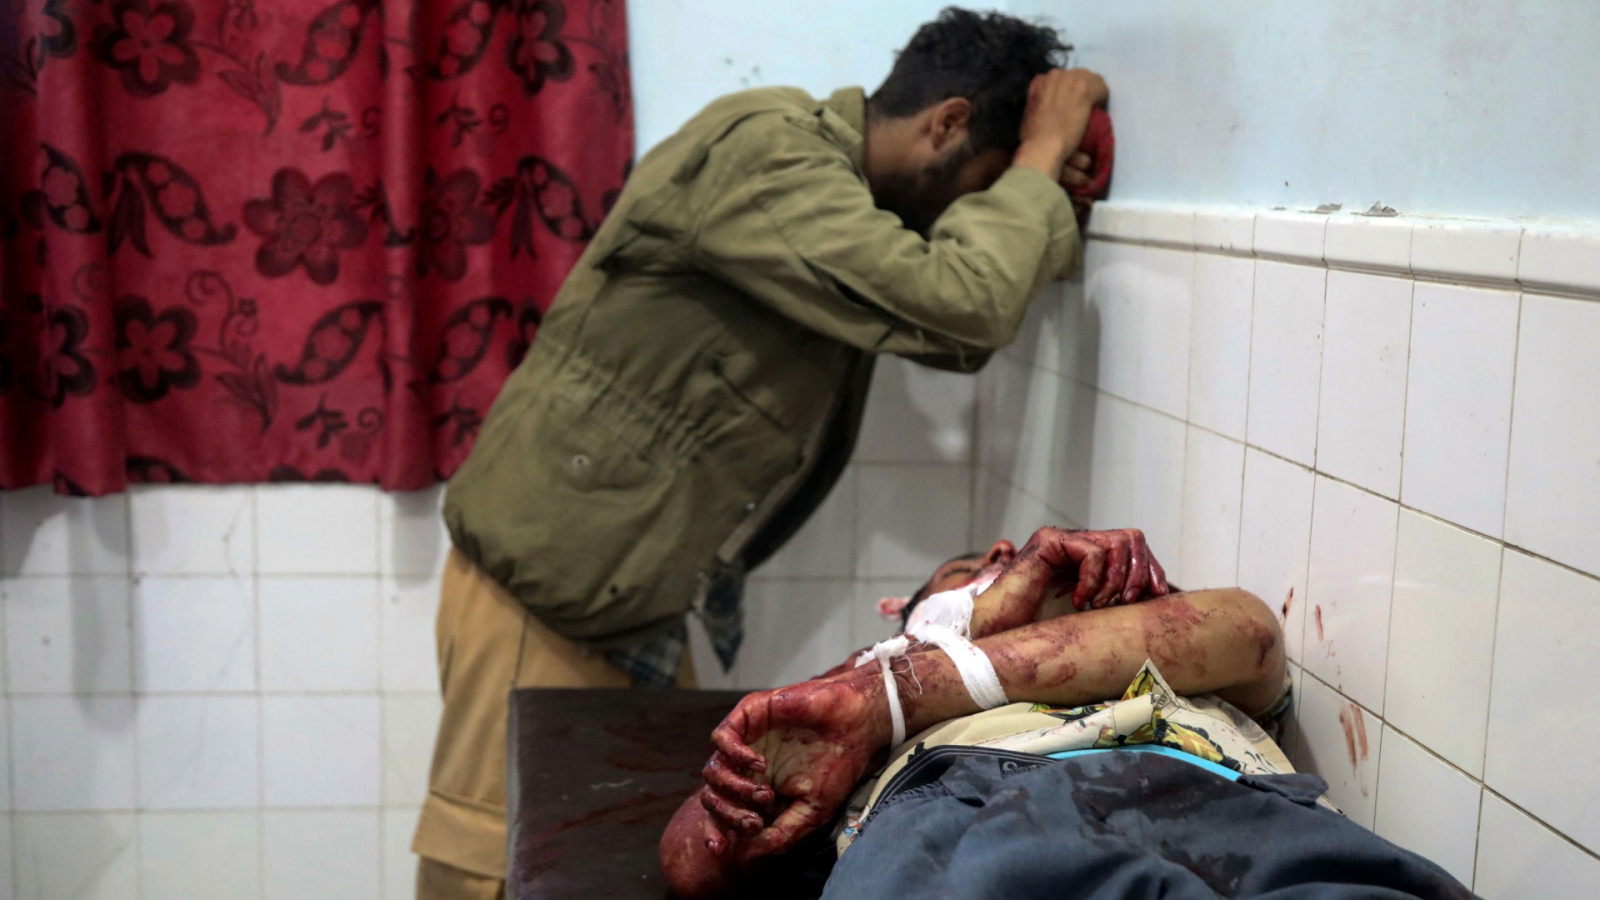 Reportajes 5 continentes - Seis años de muerte en Yemen - Escuchar ahora